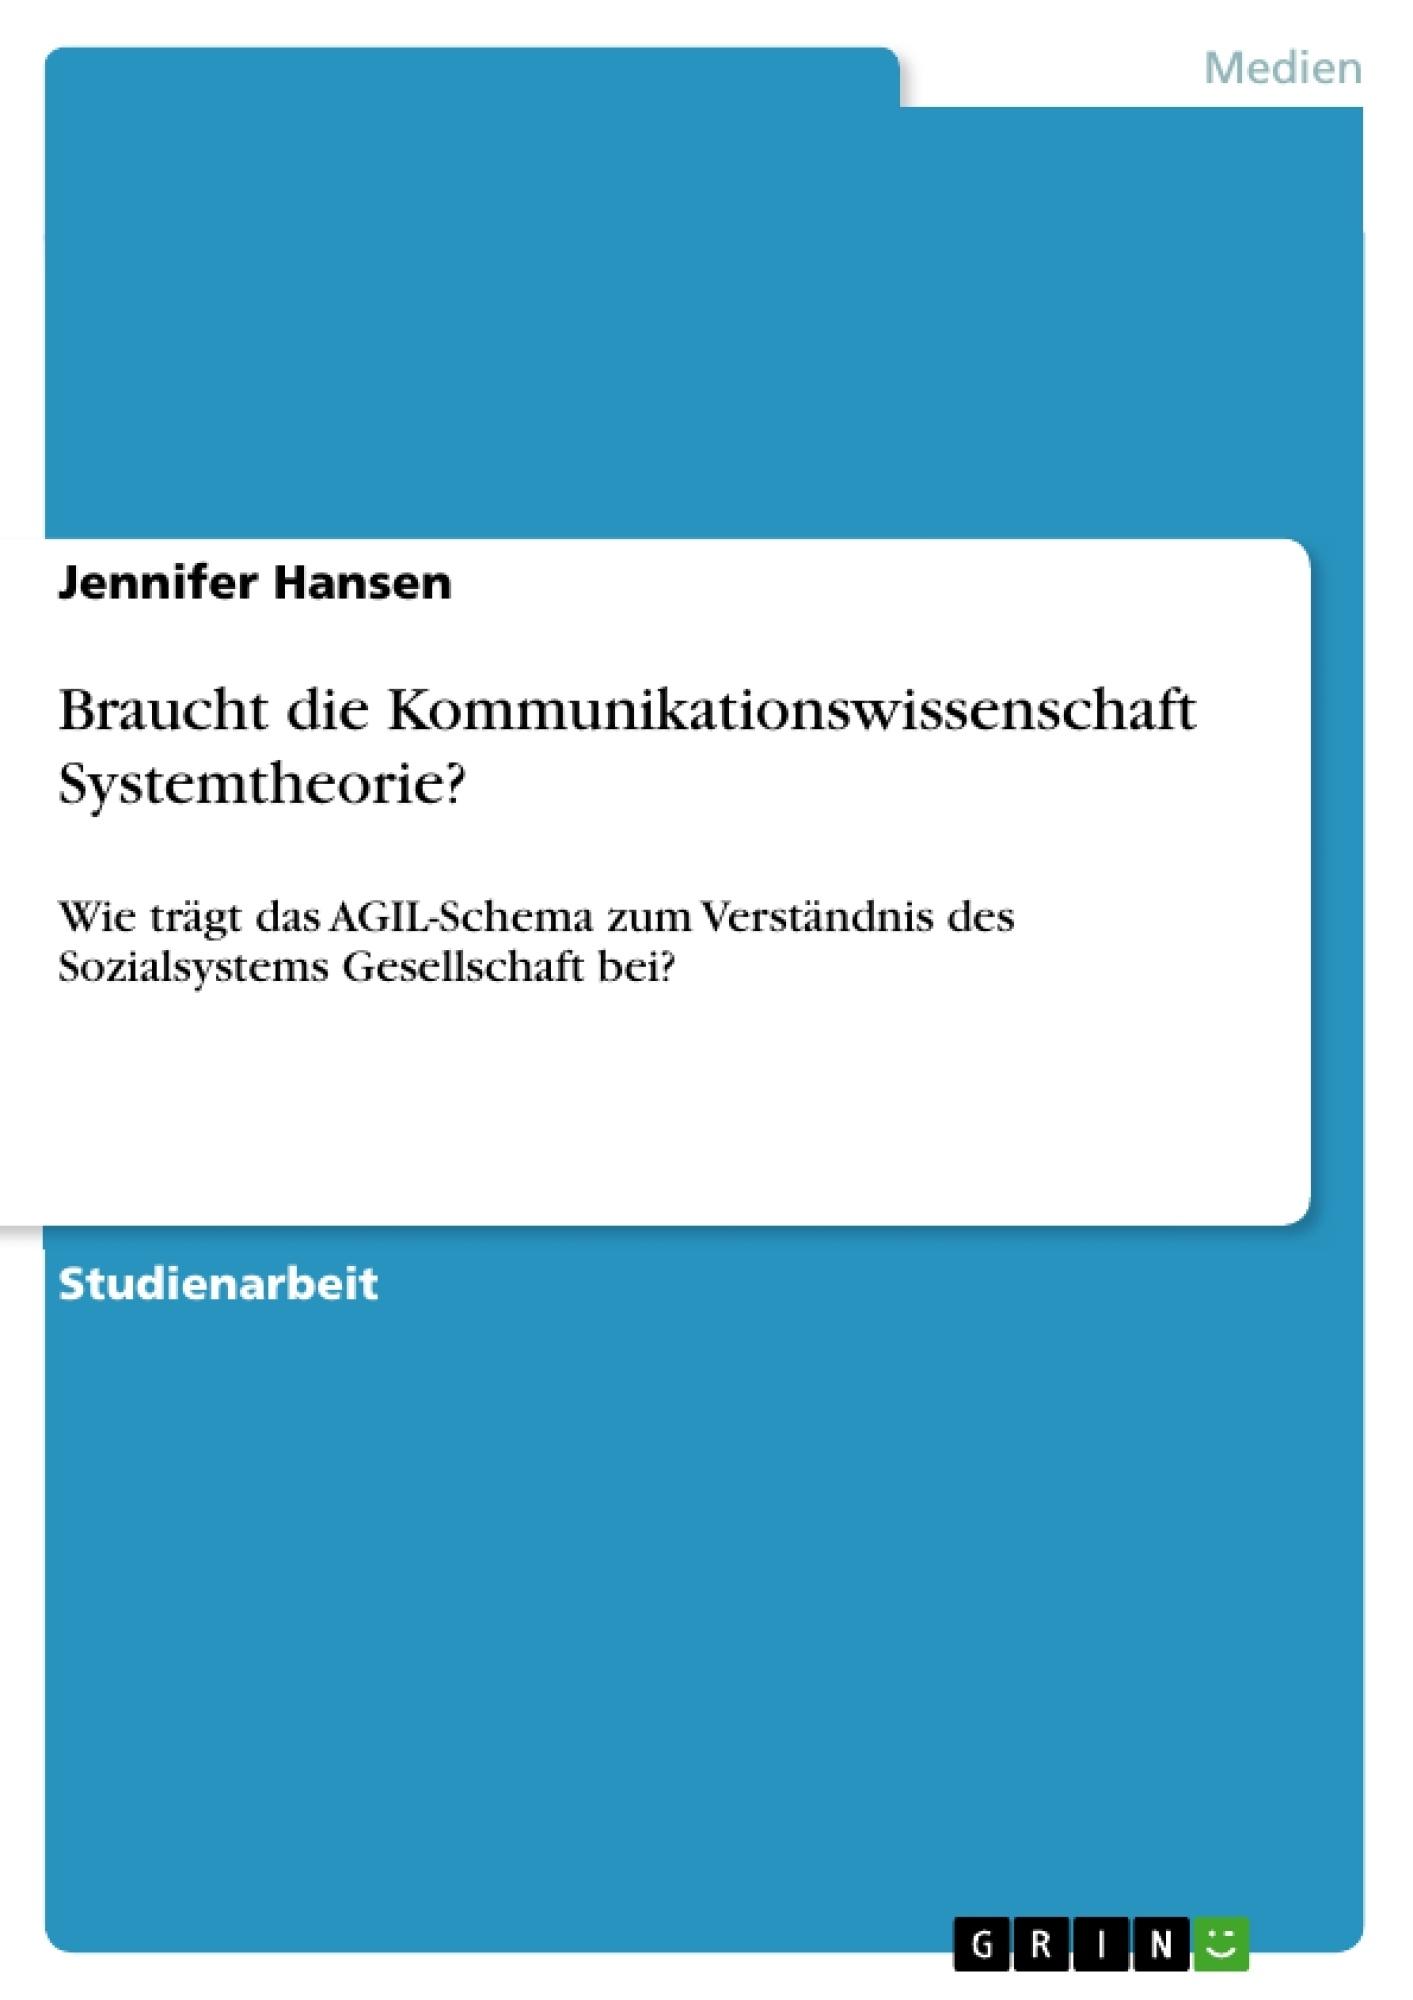 Titel: Braucht die Kommunikationswissenschaft Systemtheorie?